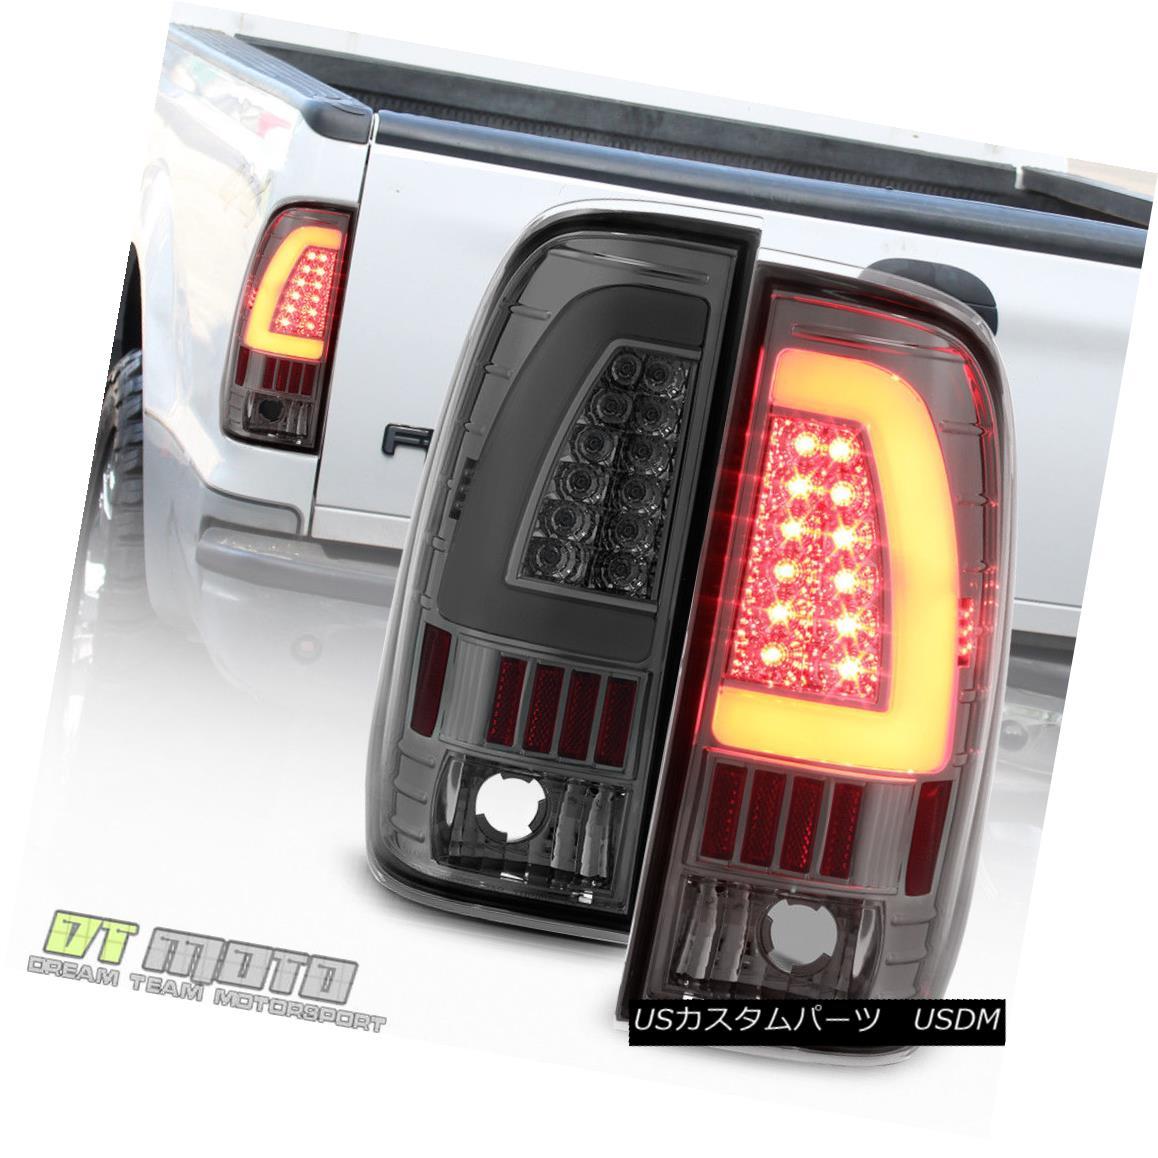 テールライト Smoke 1997-2003 Ford F150 F250 1999-07 Lamps F250 SD SD LED Light Bar Tail Lights Brake Lamps 煙1997-2003 Ford F150 1999-07 F250 SD LEDライトバーテールライトブレーキランプ, トータルカーショップ AUVE:f5addca0 --- officewill.xsrv.jp